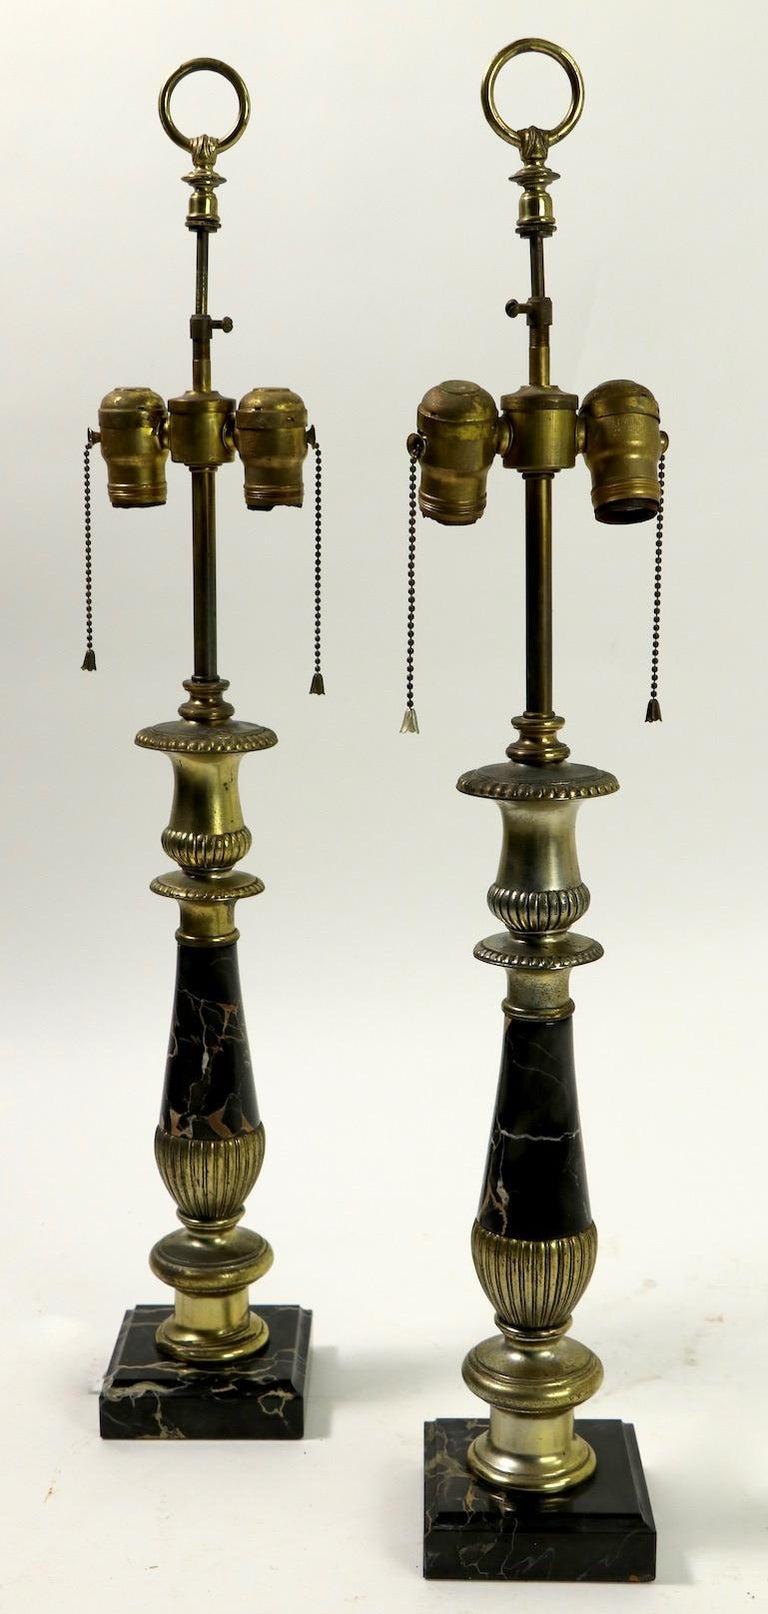 Pair of Hollywood Regency Black Marble Table Lamps 1